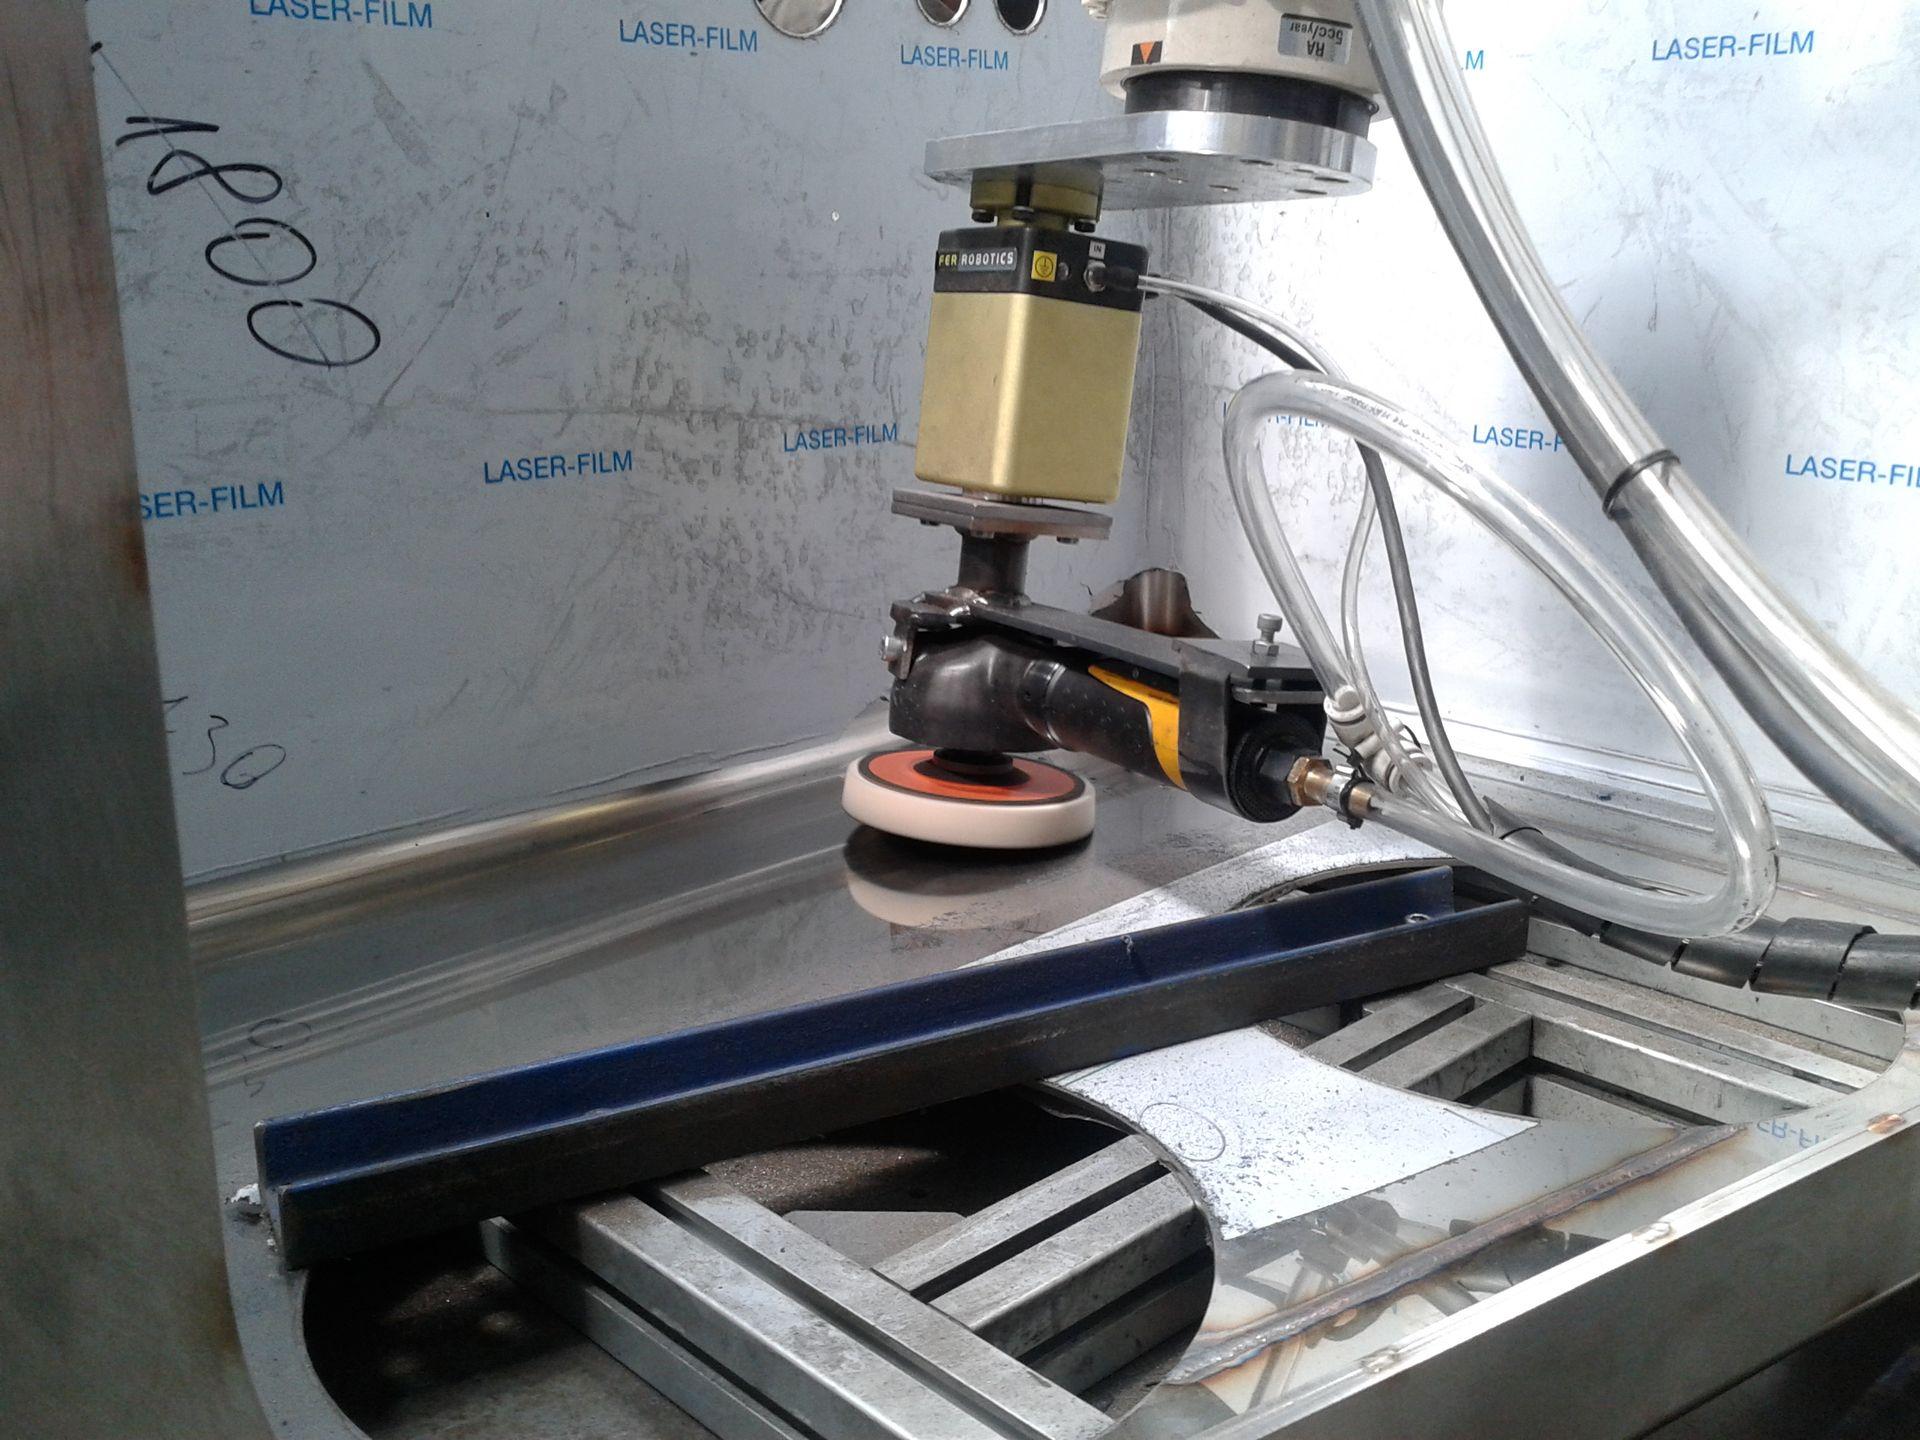 Dokonalé leštenie materiálov zabezpečuje systém výmeny brúsnych a leštiacich kotúčov